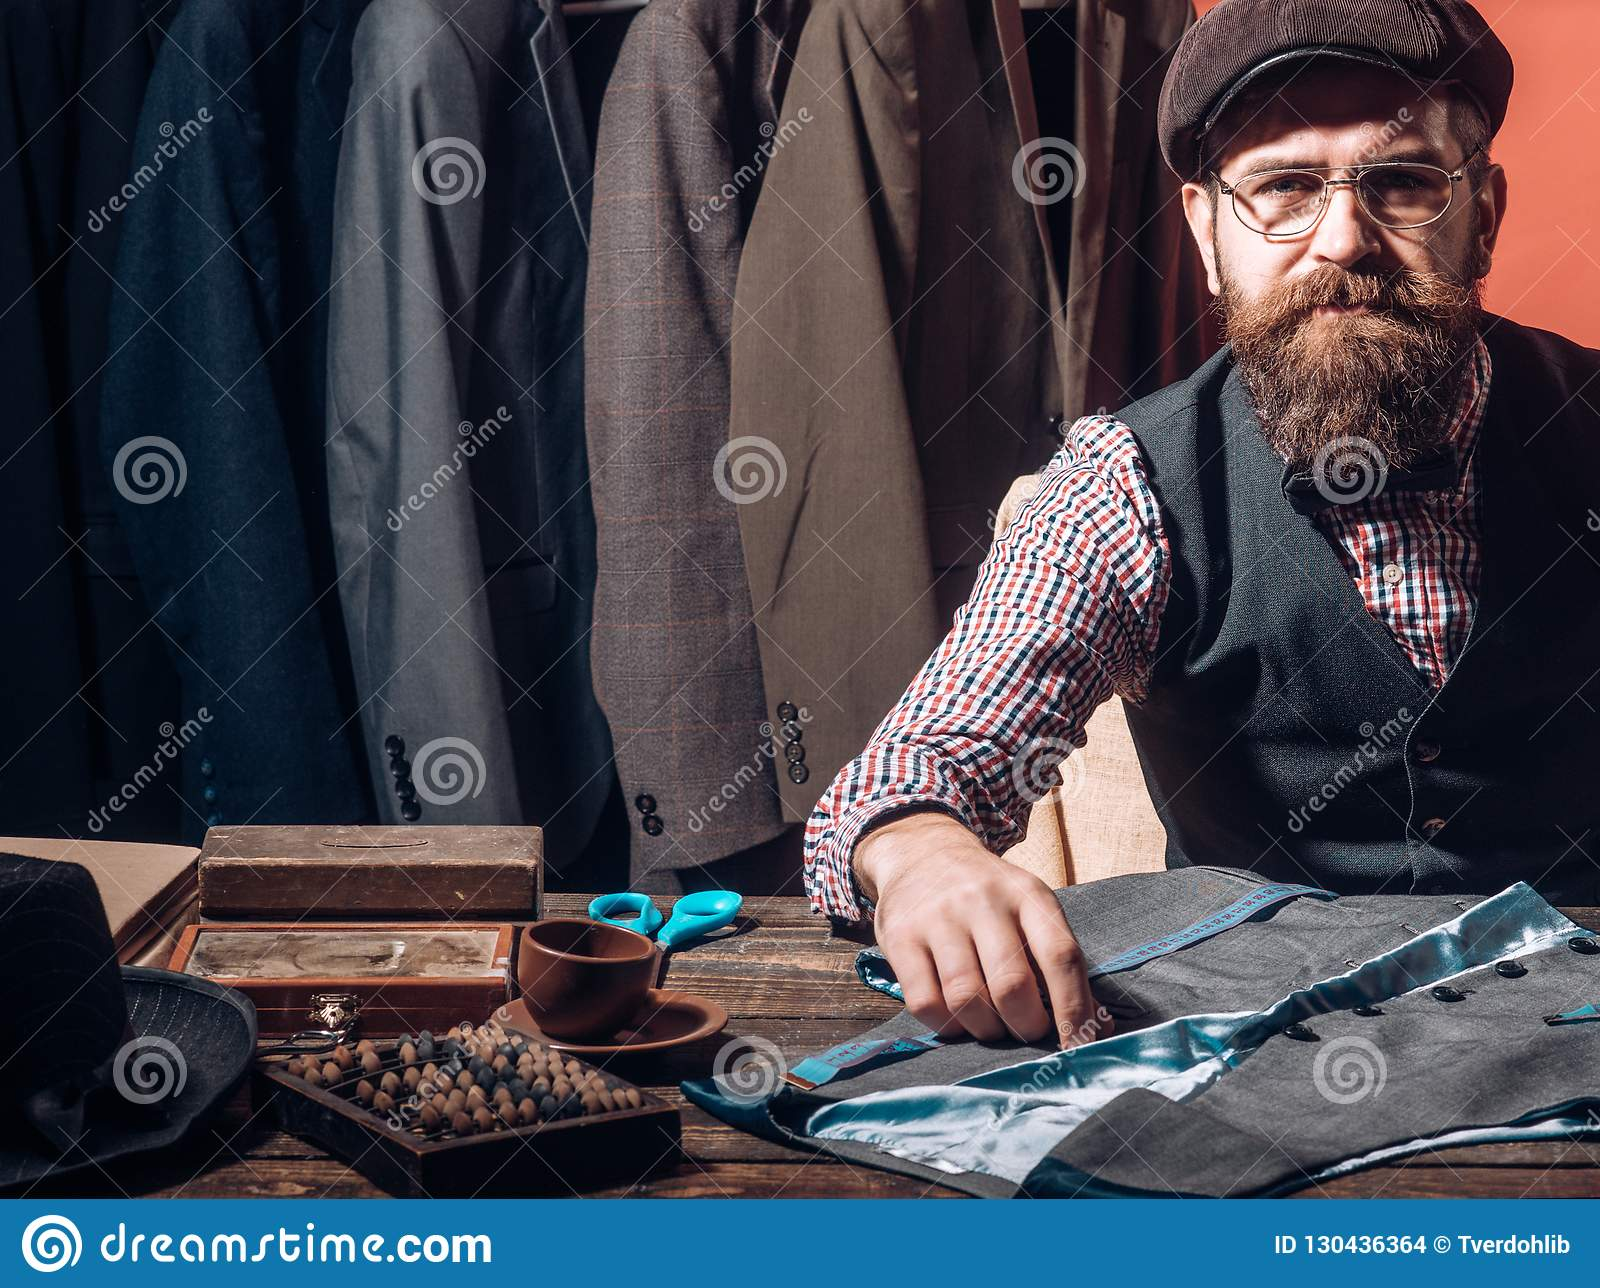 Ideias de giro na roupa Seus projetos estão na procura Revestimento farpado da costura do alfaiate do homem loja do terno vestido